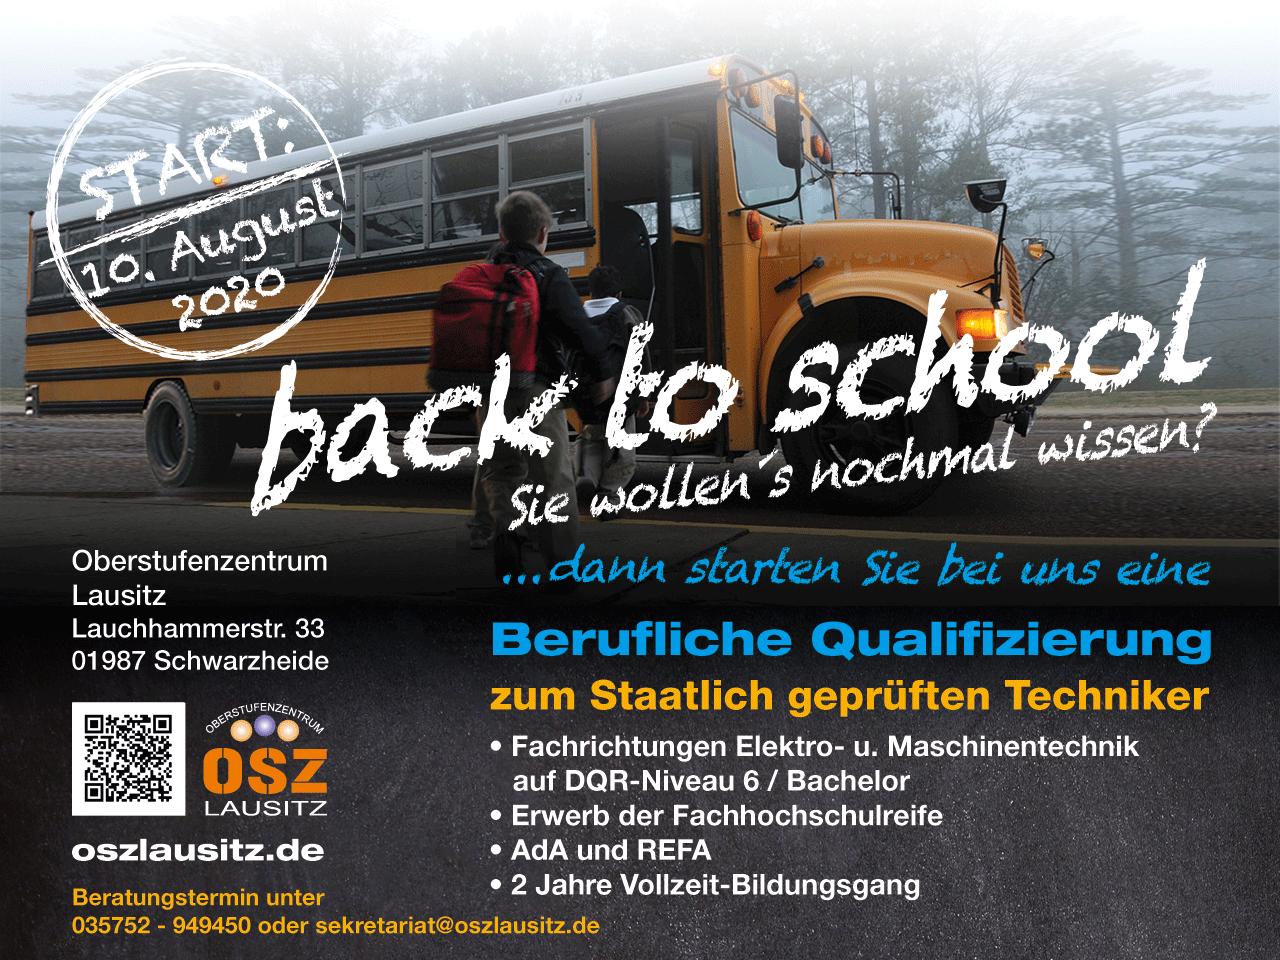 Berufliche Qualifizierung zum staatlich geprüften Techniker am OSZ Lausitz in Schwarzheide